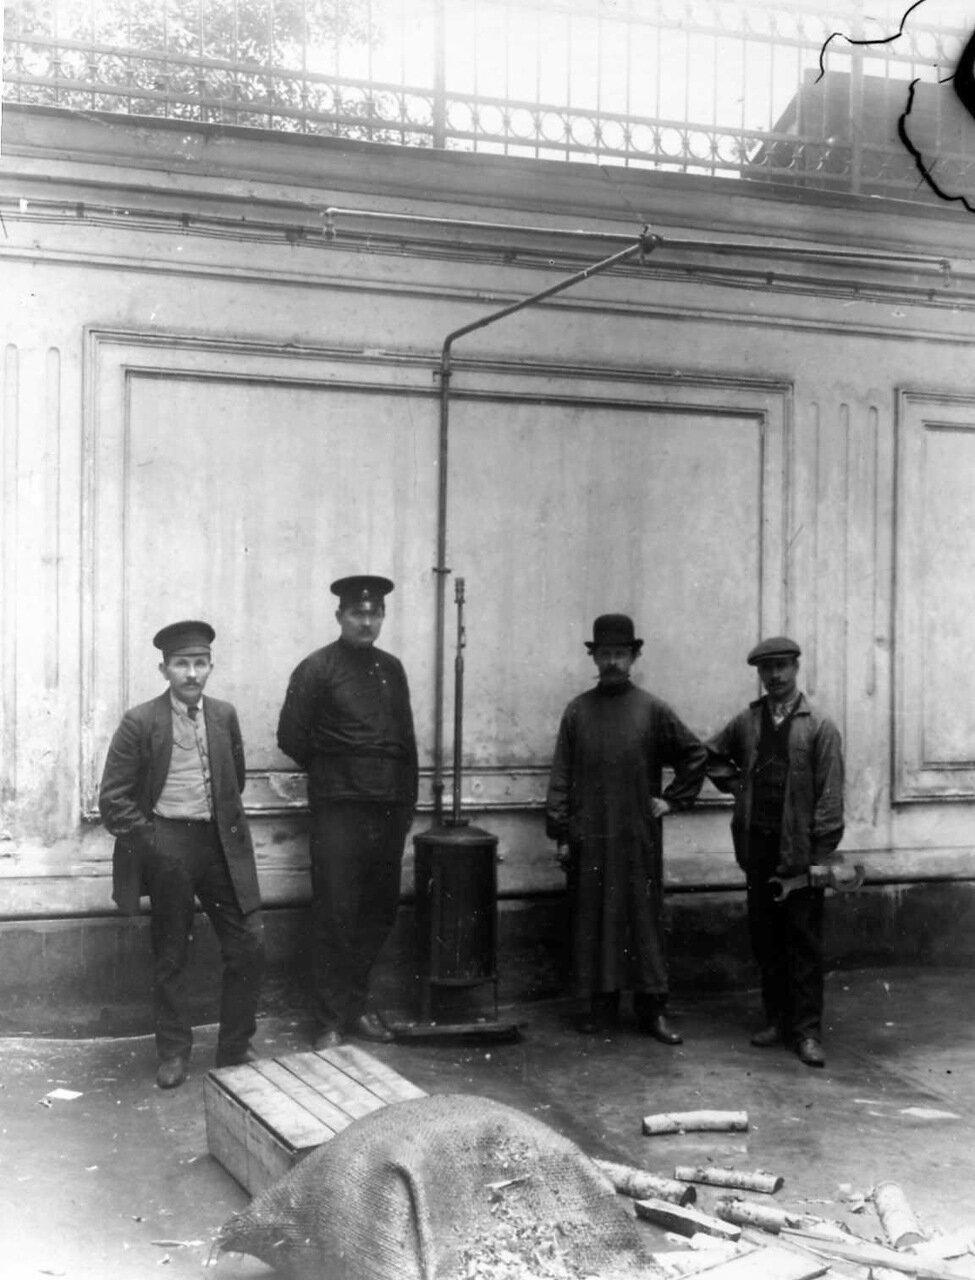 04. Подготовка опыта со спринклерным оборудованием. 25 марта 1910